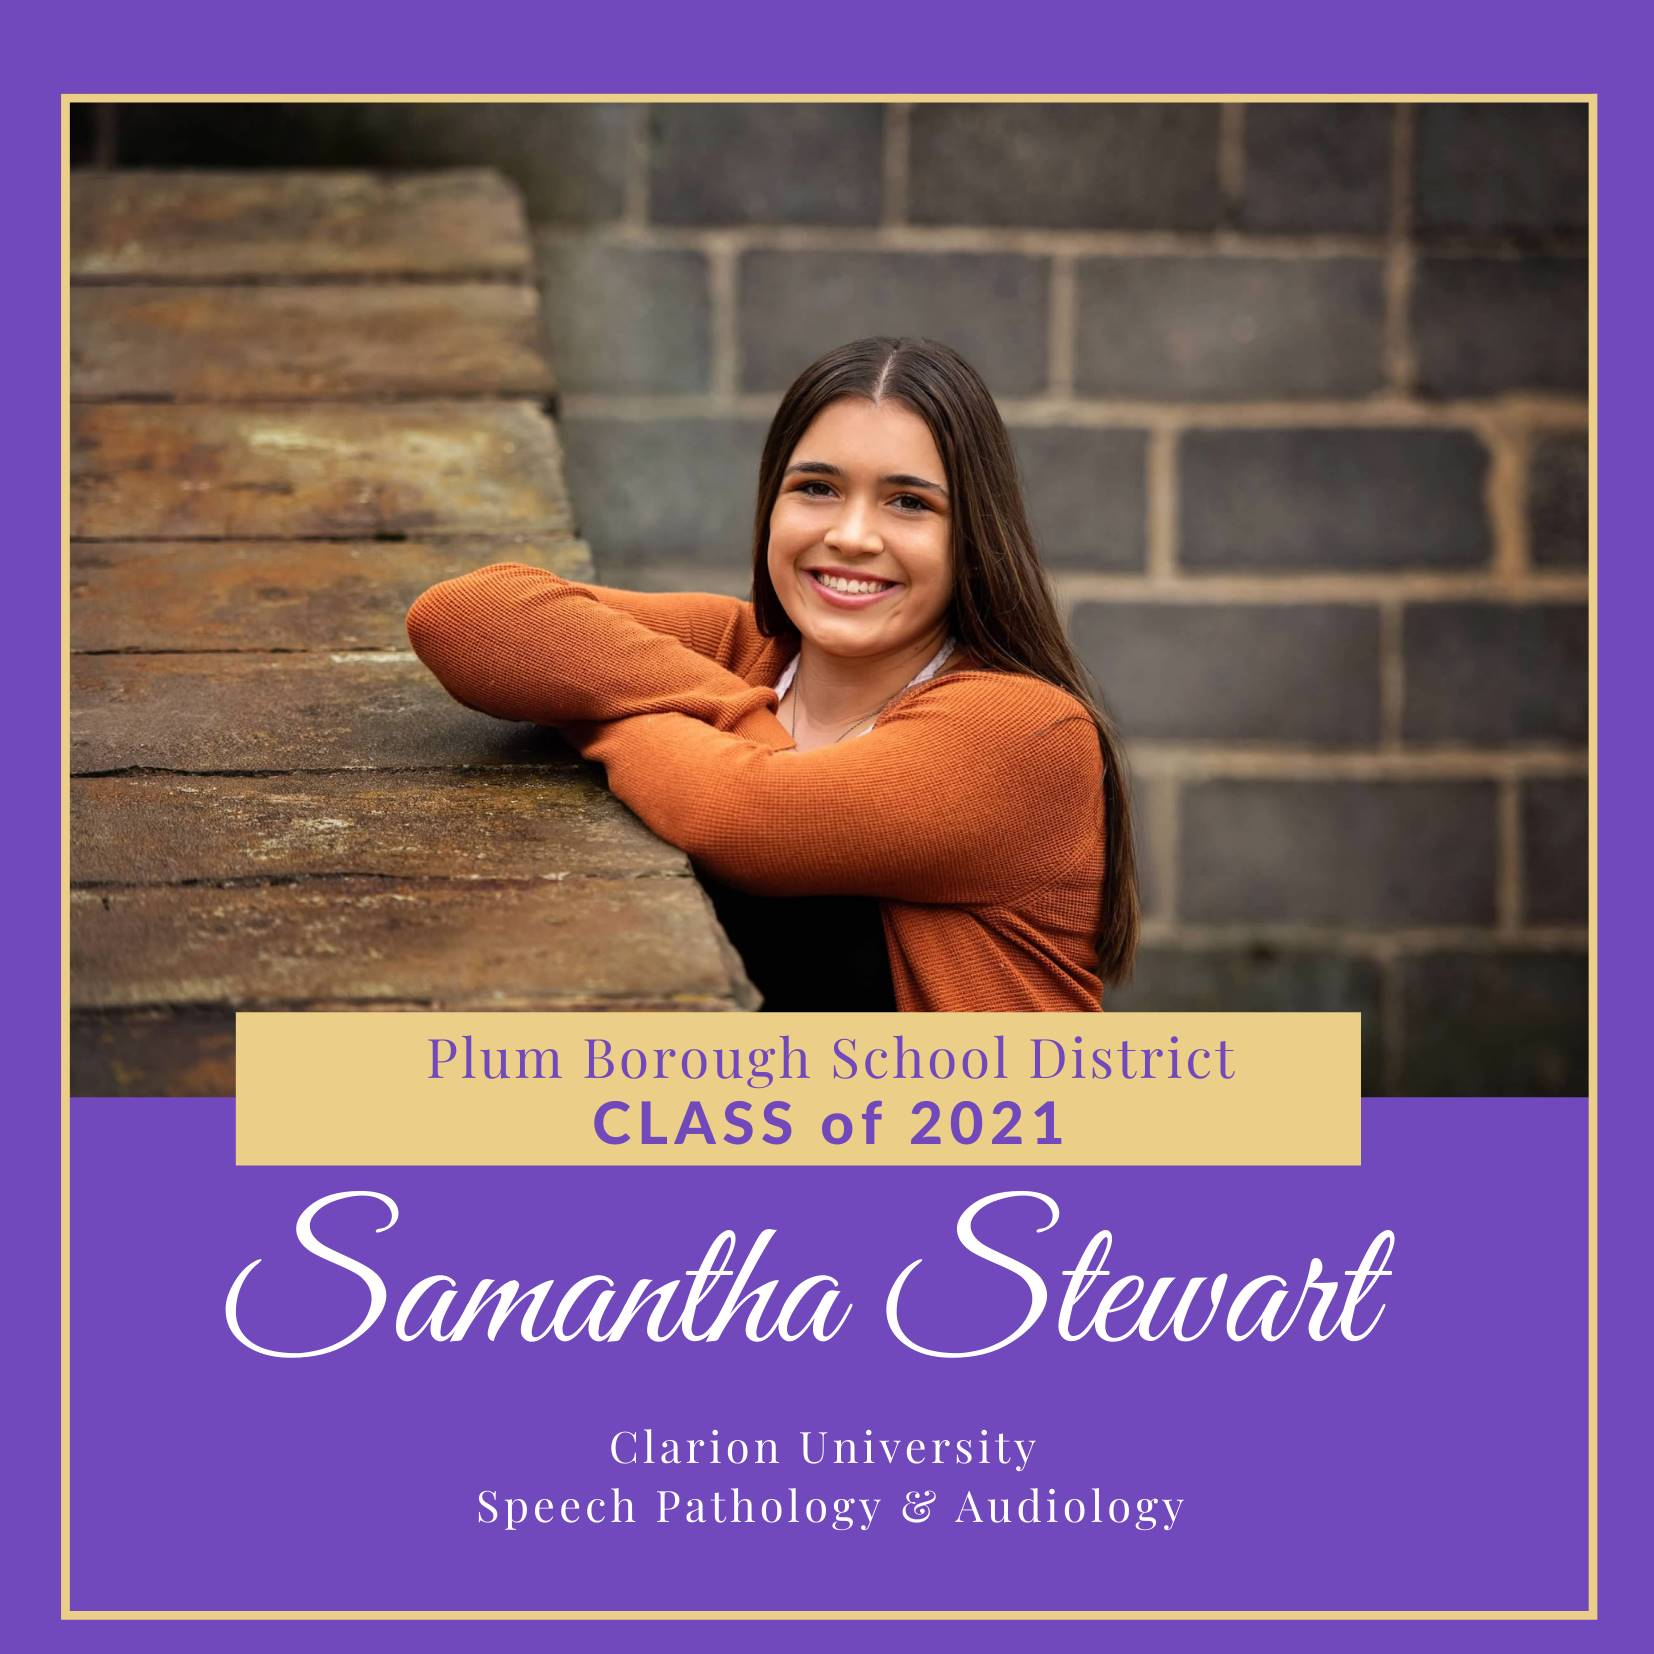 Congratulations to Samantha Stewart, Class of 2021!